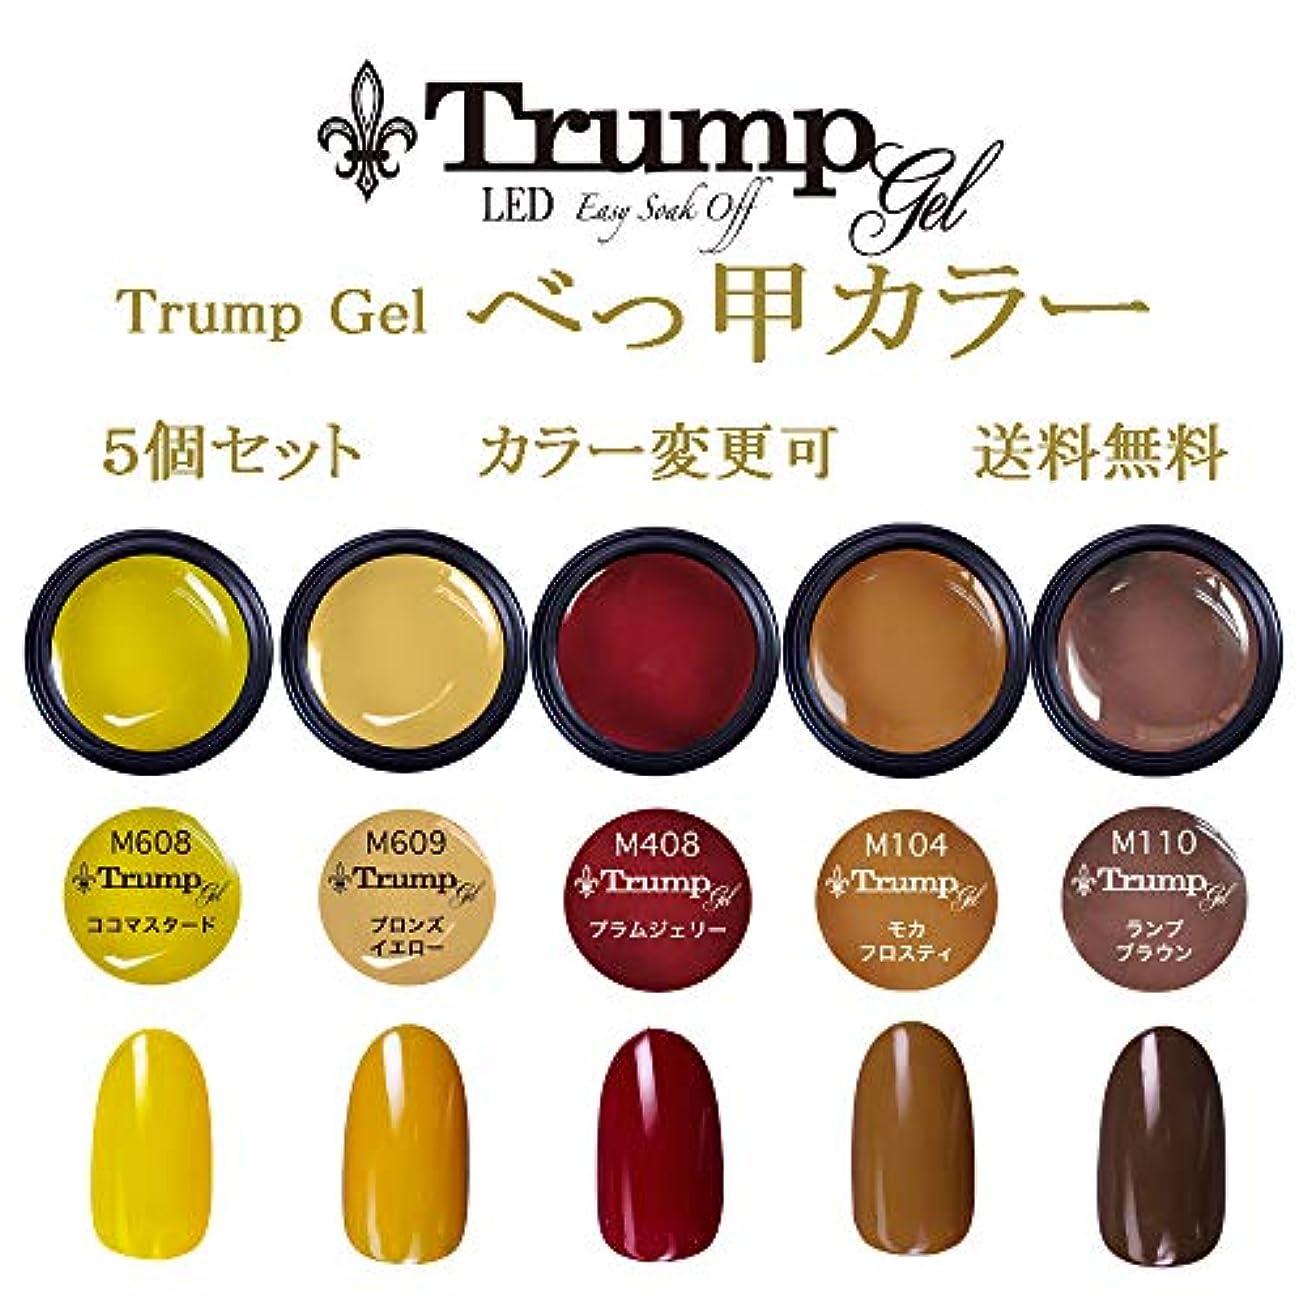 機関車空洞火炎日本製 Trump gel トランプジェル べっ甲 ネイルカラー 選べる カラージェル 5個セット イエロー ブラウン ワイン べっこう